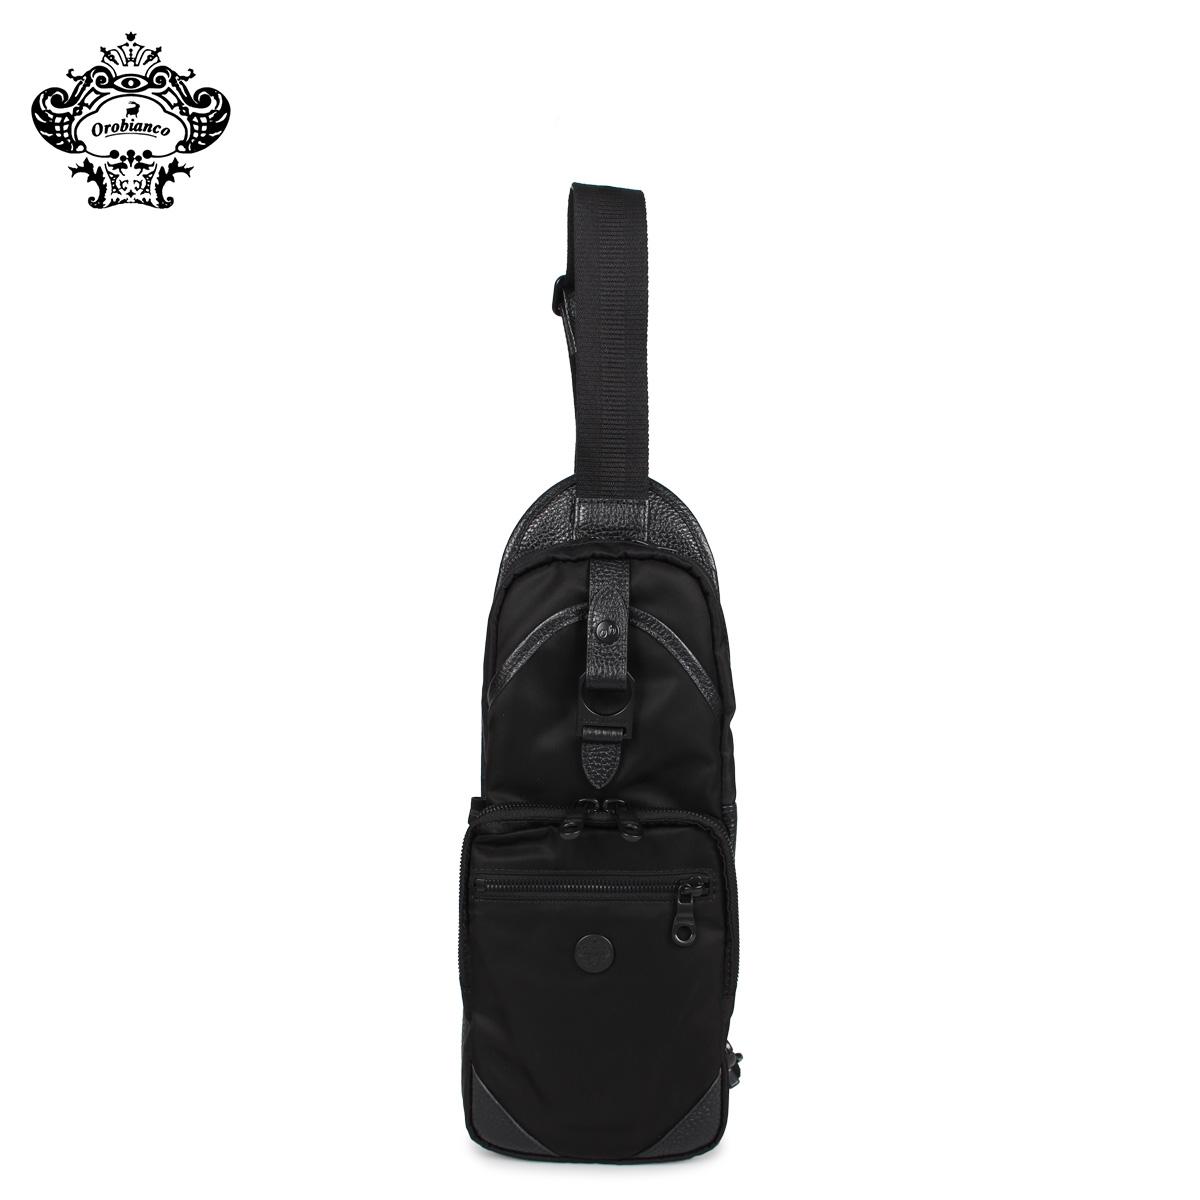 Orobianco オロビアンコ バッグ ボディバッグ ショルダーバッグ メンズ ANNIBALE-F01 ブラック 黒 92134